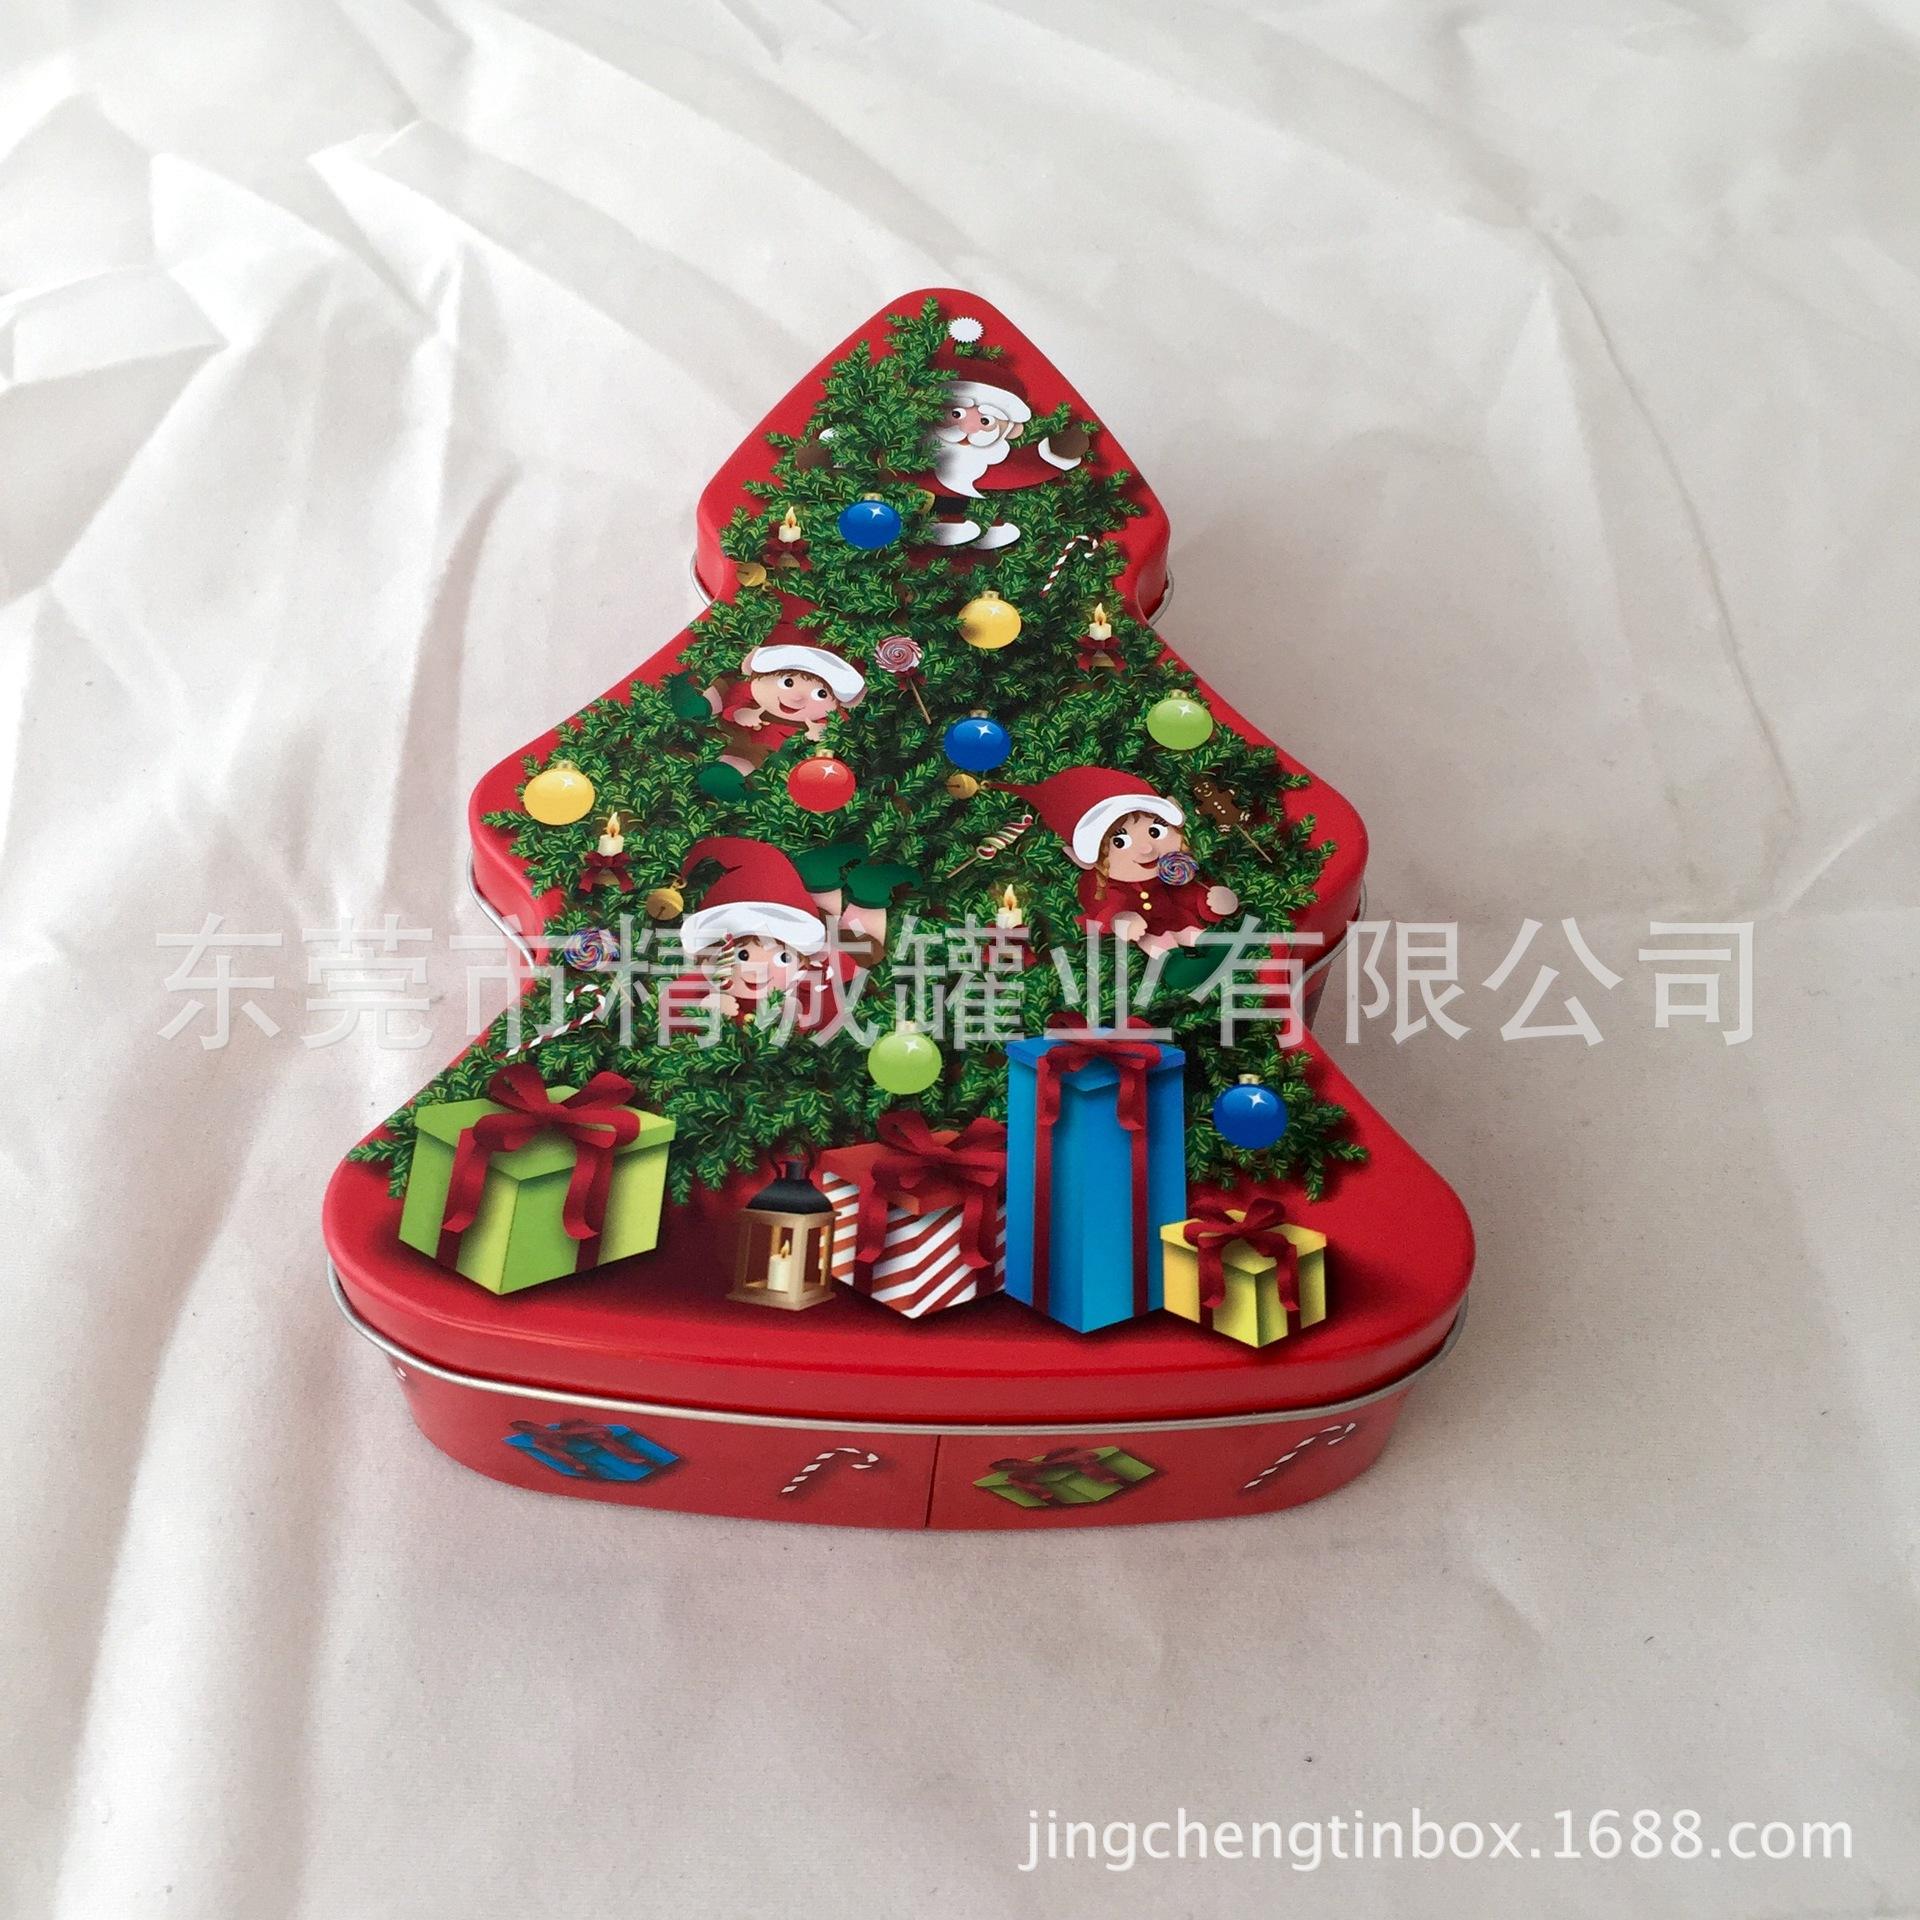 异形金属马口铁礼品盒源头工厂|圣诞树铁罐